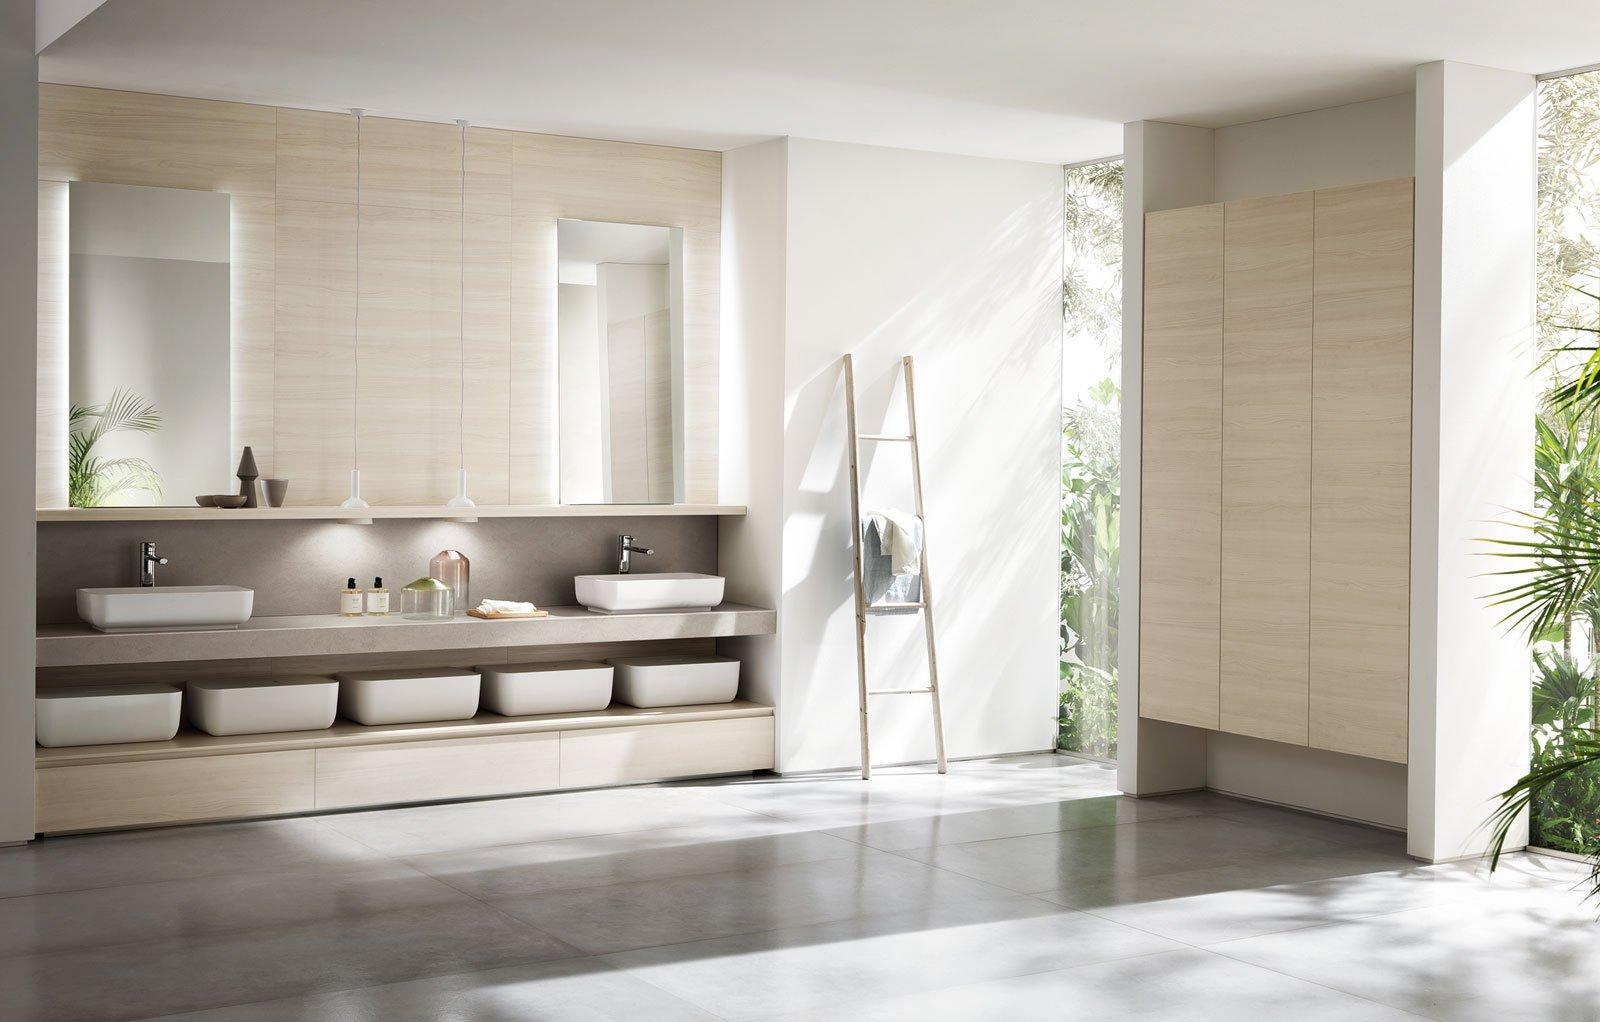 Scelte Di Stile Per Il Bagno Ispirazione Zen Per Assicurarsi Comfort Cose